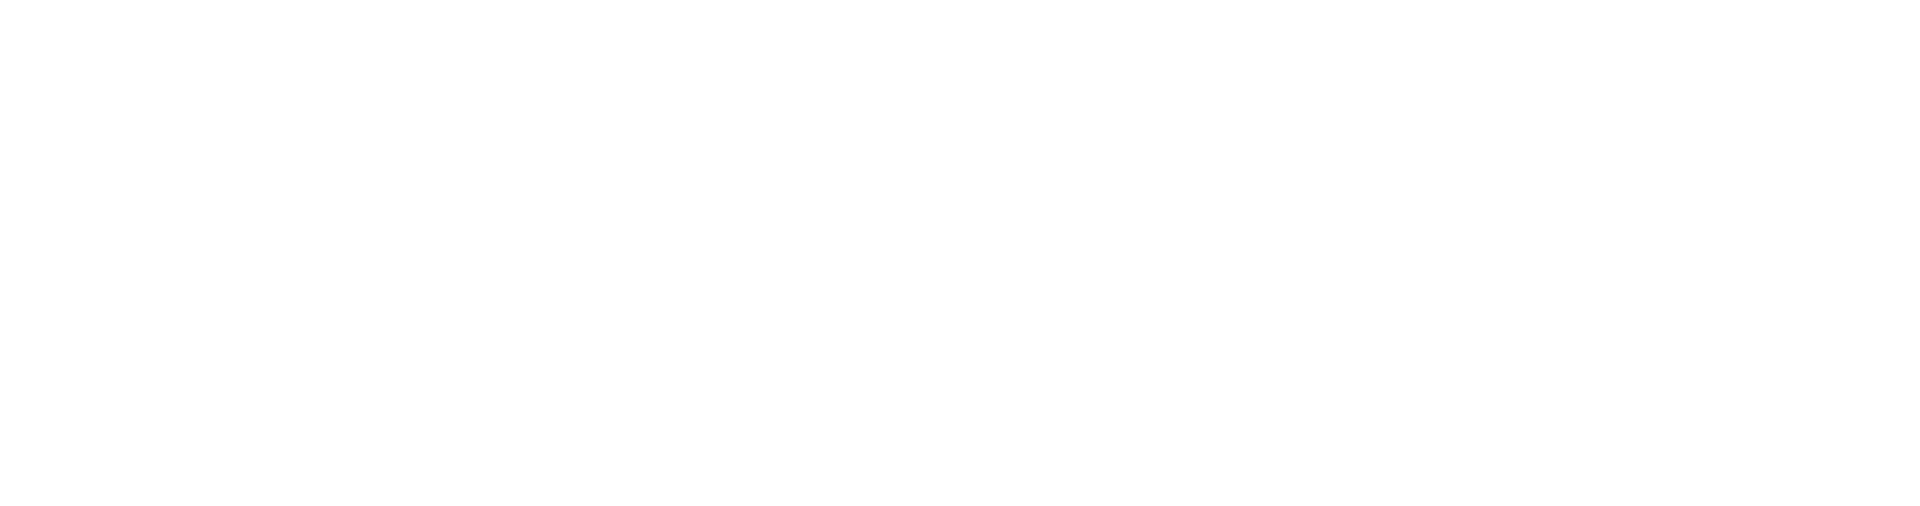 默认轮播图1